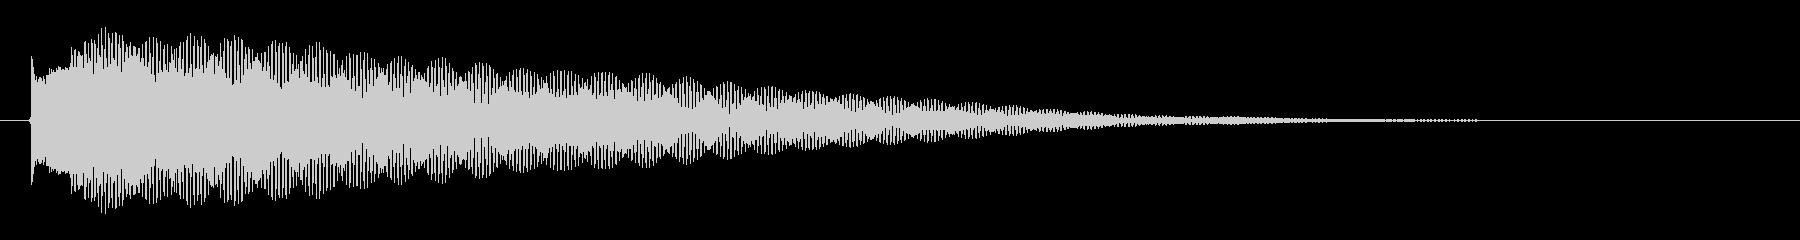 綺麗系な音で爽やかに雰囲気を変える音で…の未再生の波形